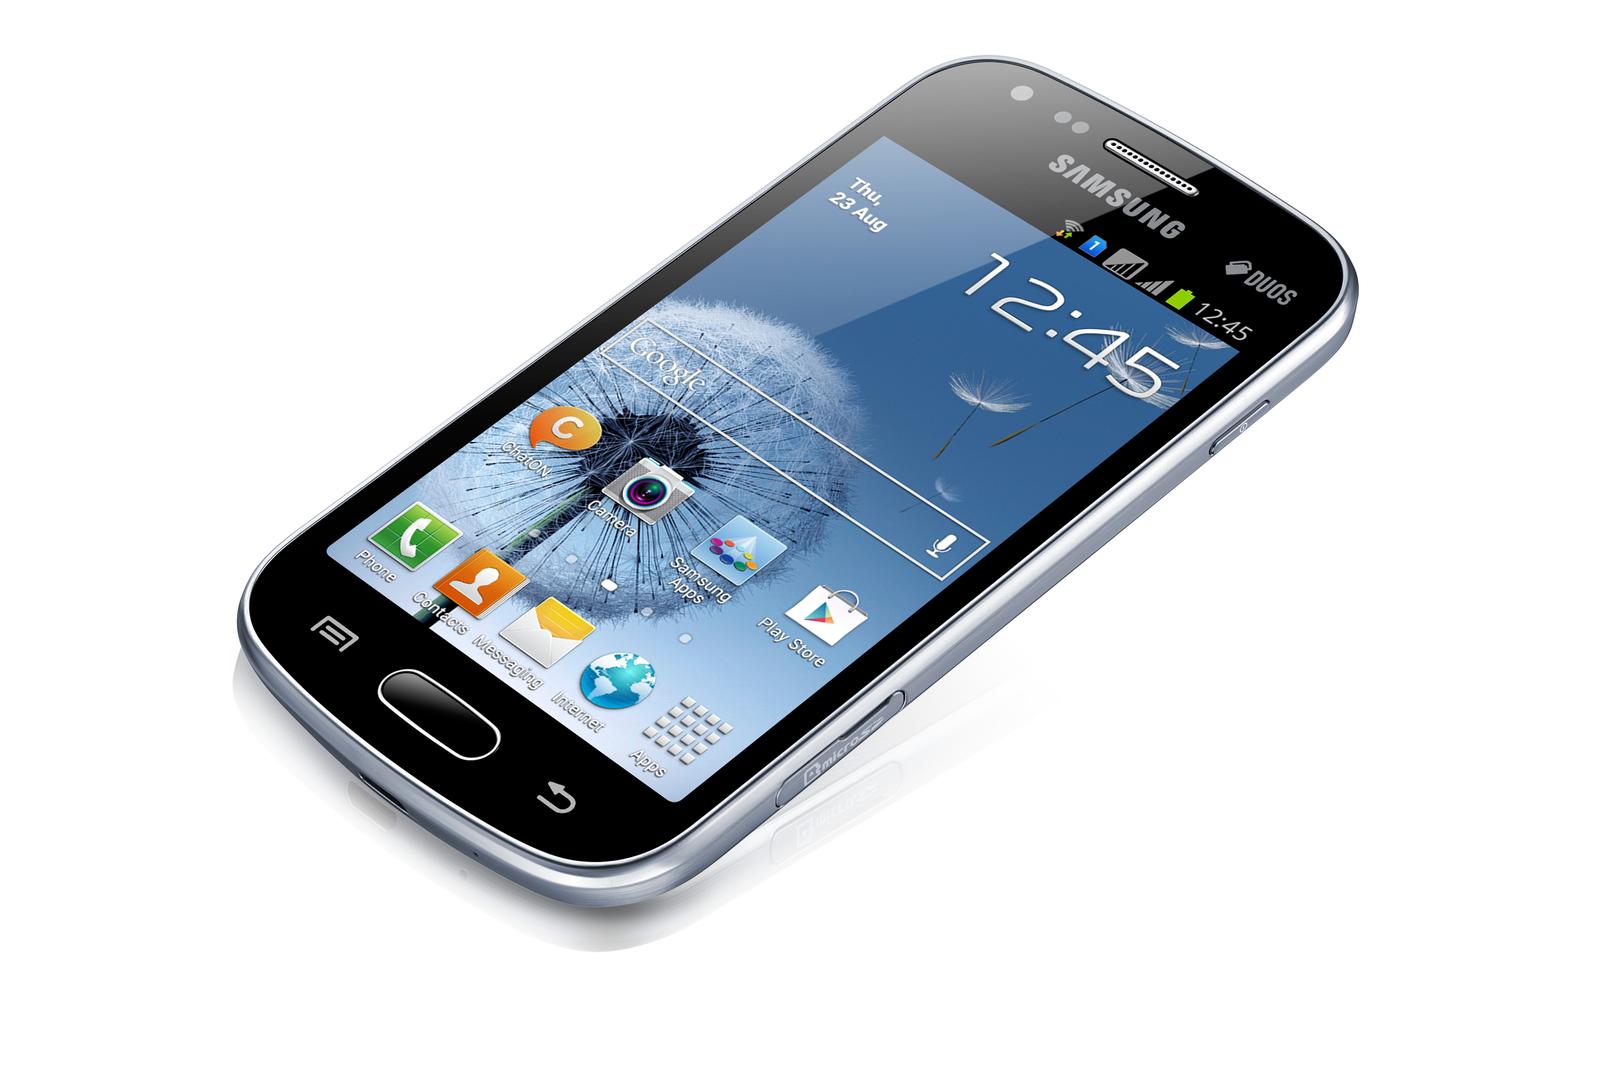 Самсунг картинка телефона, красотка